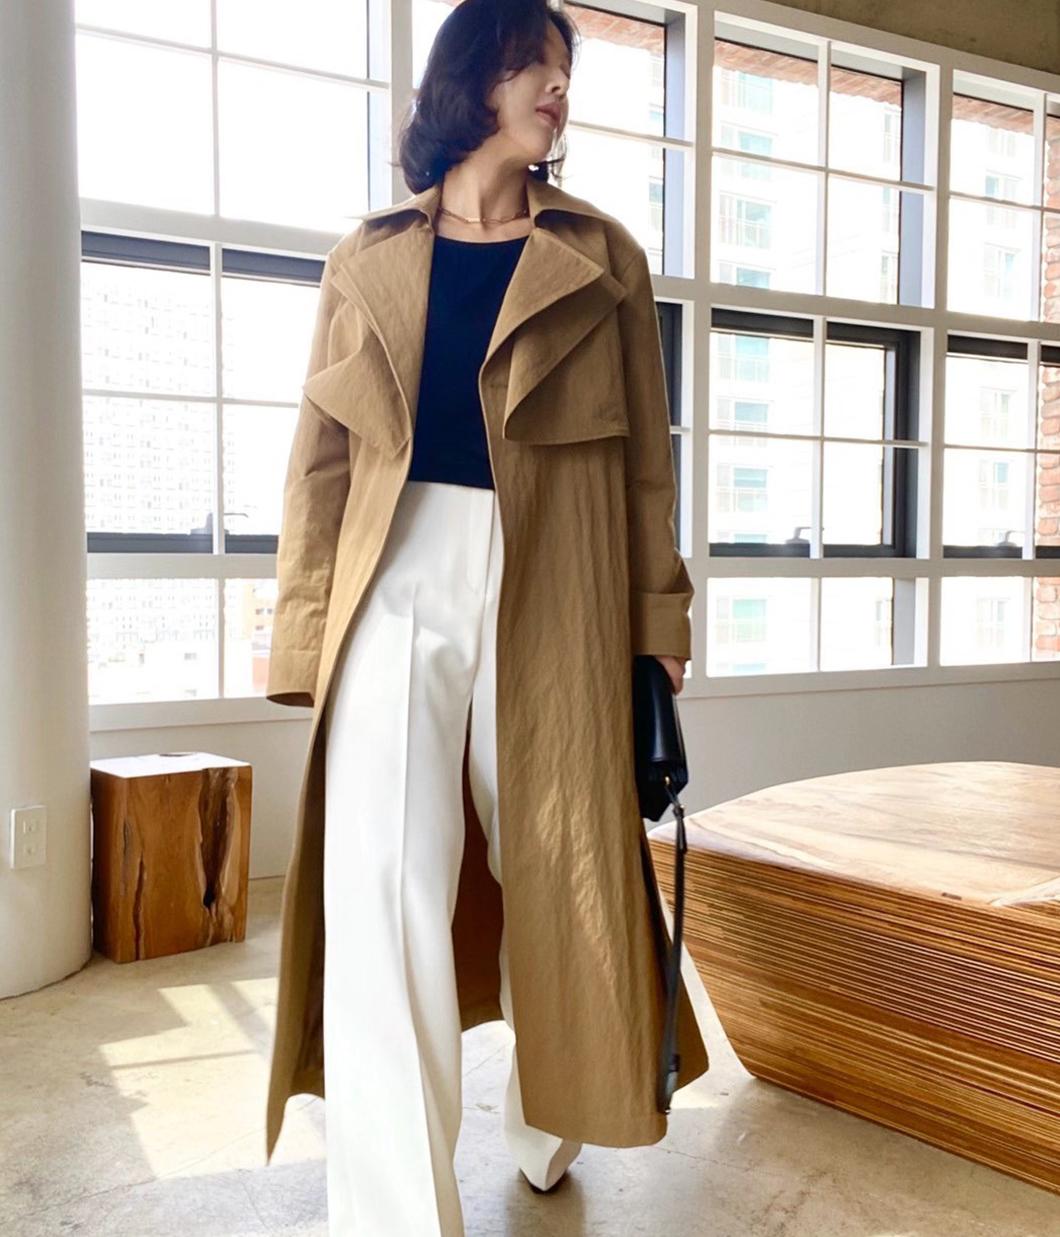 時髦層次單釦風衣外套